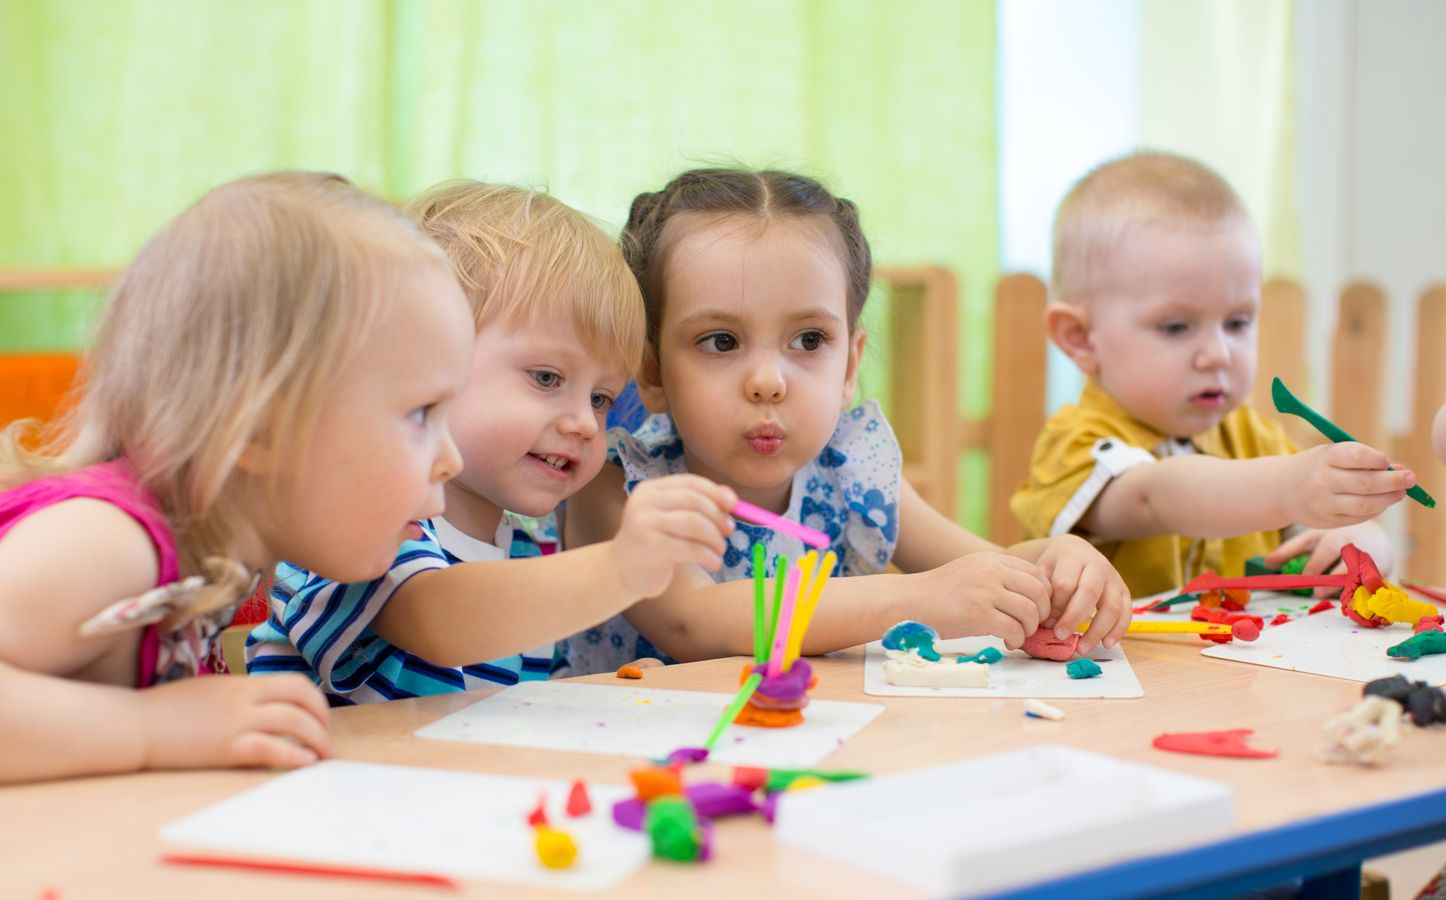 Les effets et enjeux de la scolarisation obligatoire des jeunes enfants dès l'âge de 3 ans